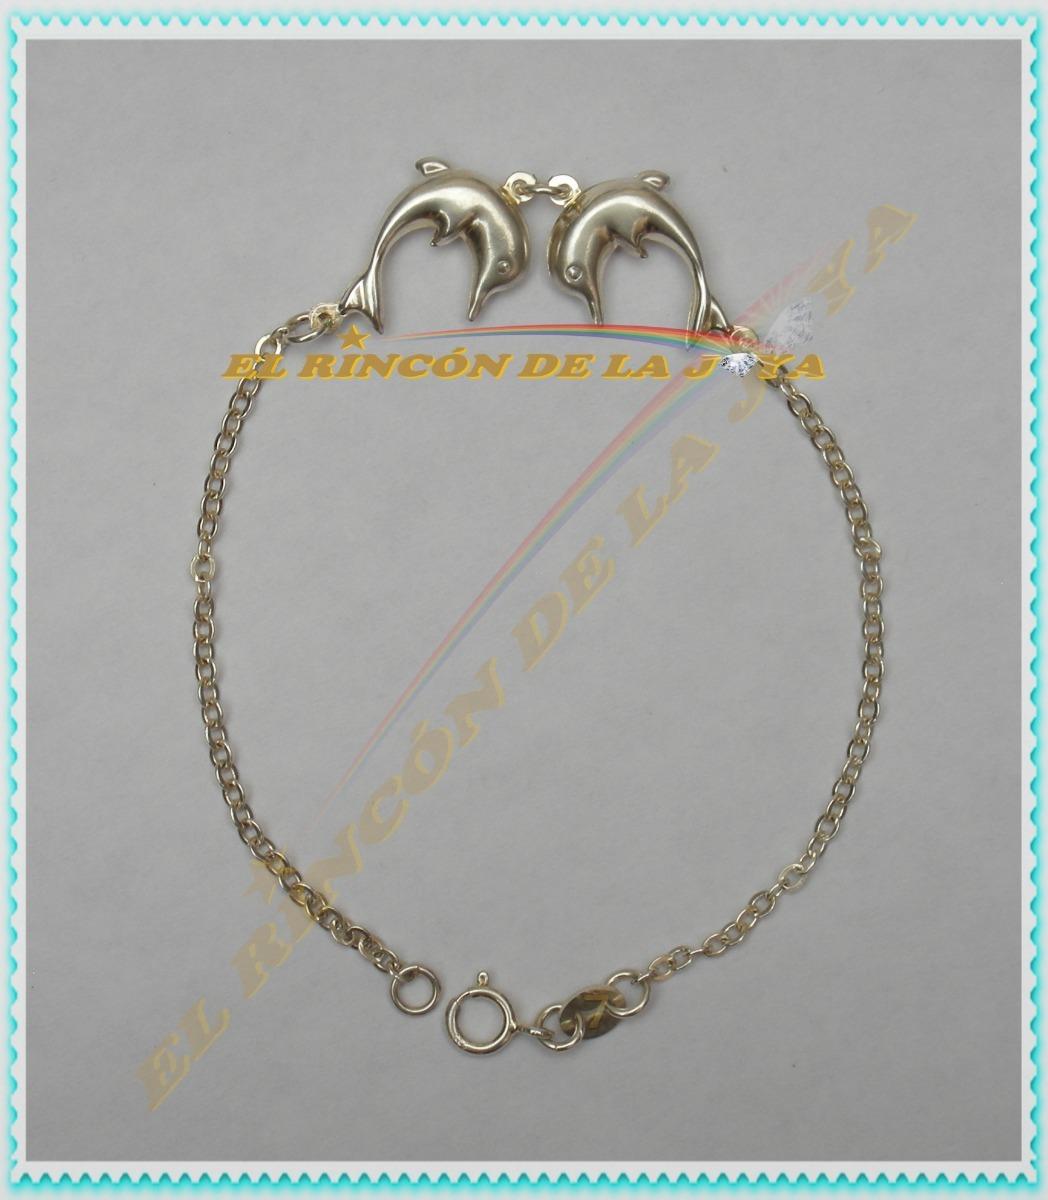 62817c3e42ed Preciosa Pulsera Con 2 Delfines Plata .925 Ps -   270.00 en Mercado ...